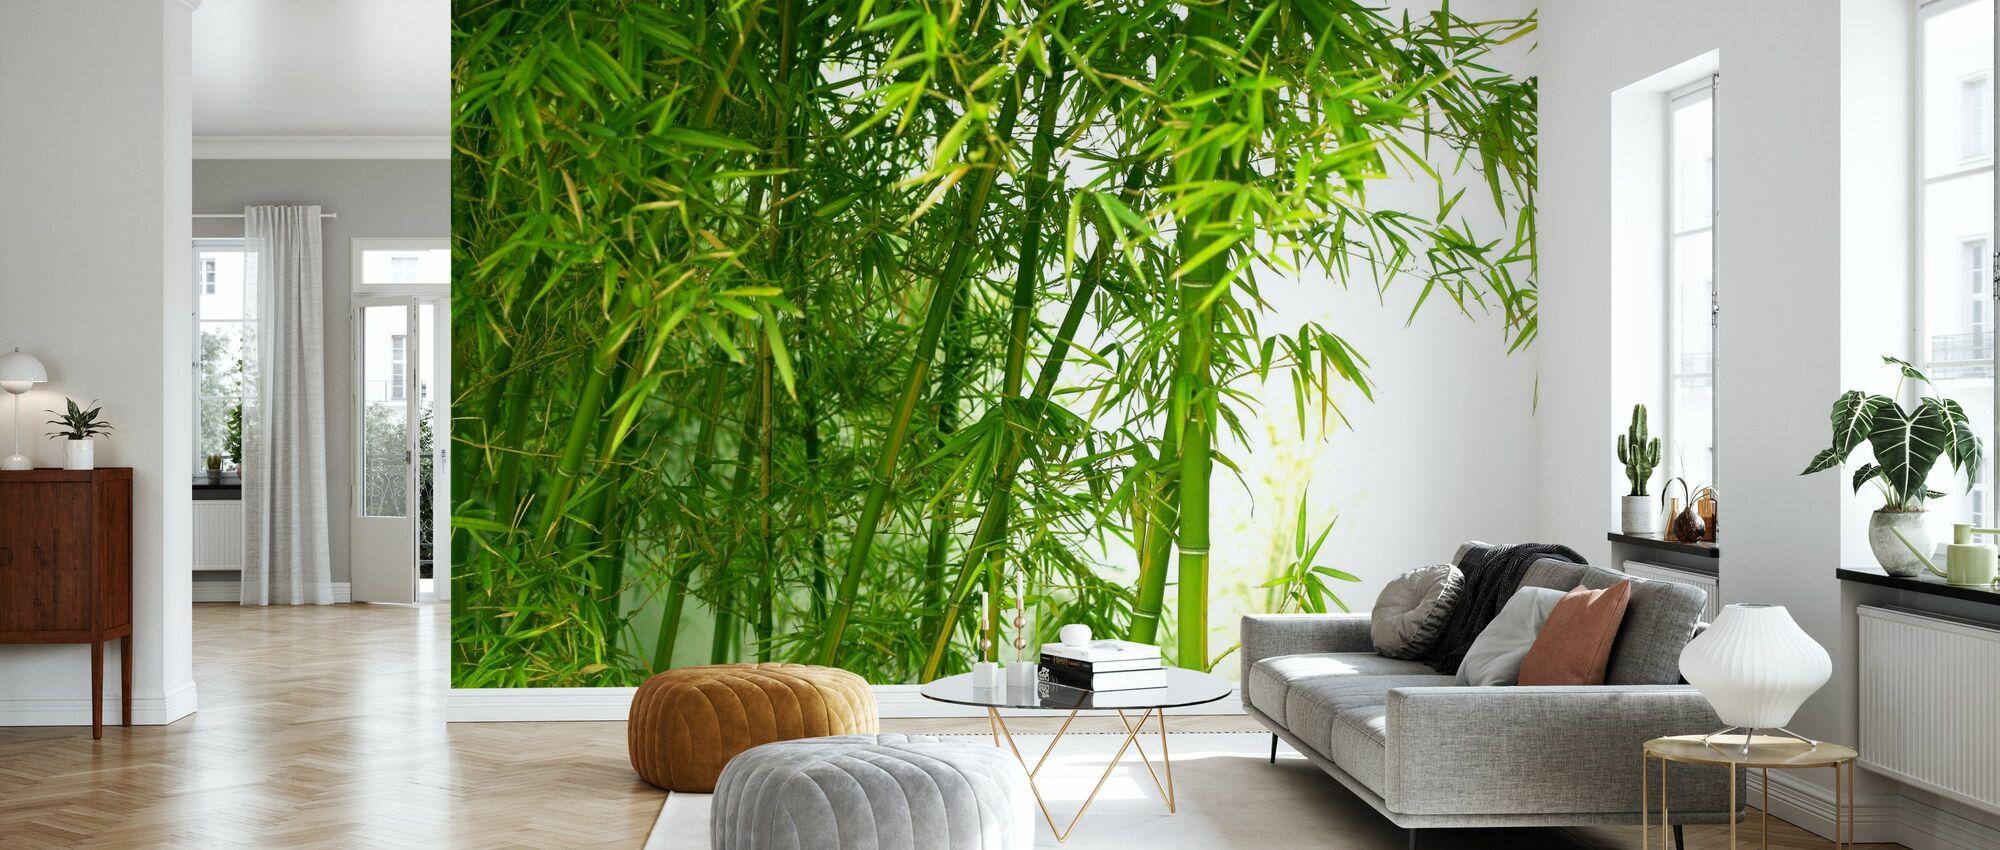 Schöner Bambus - Tapete - Wohnzimmer